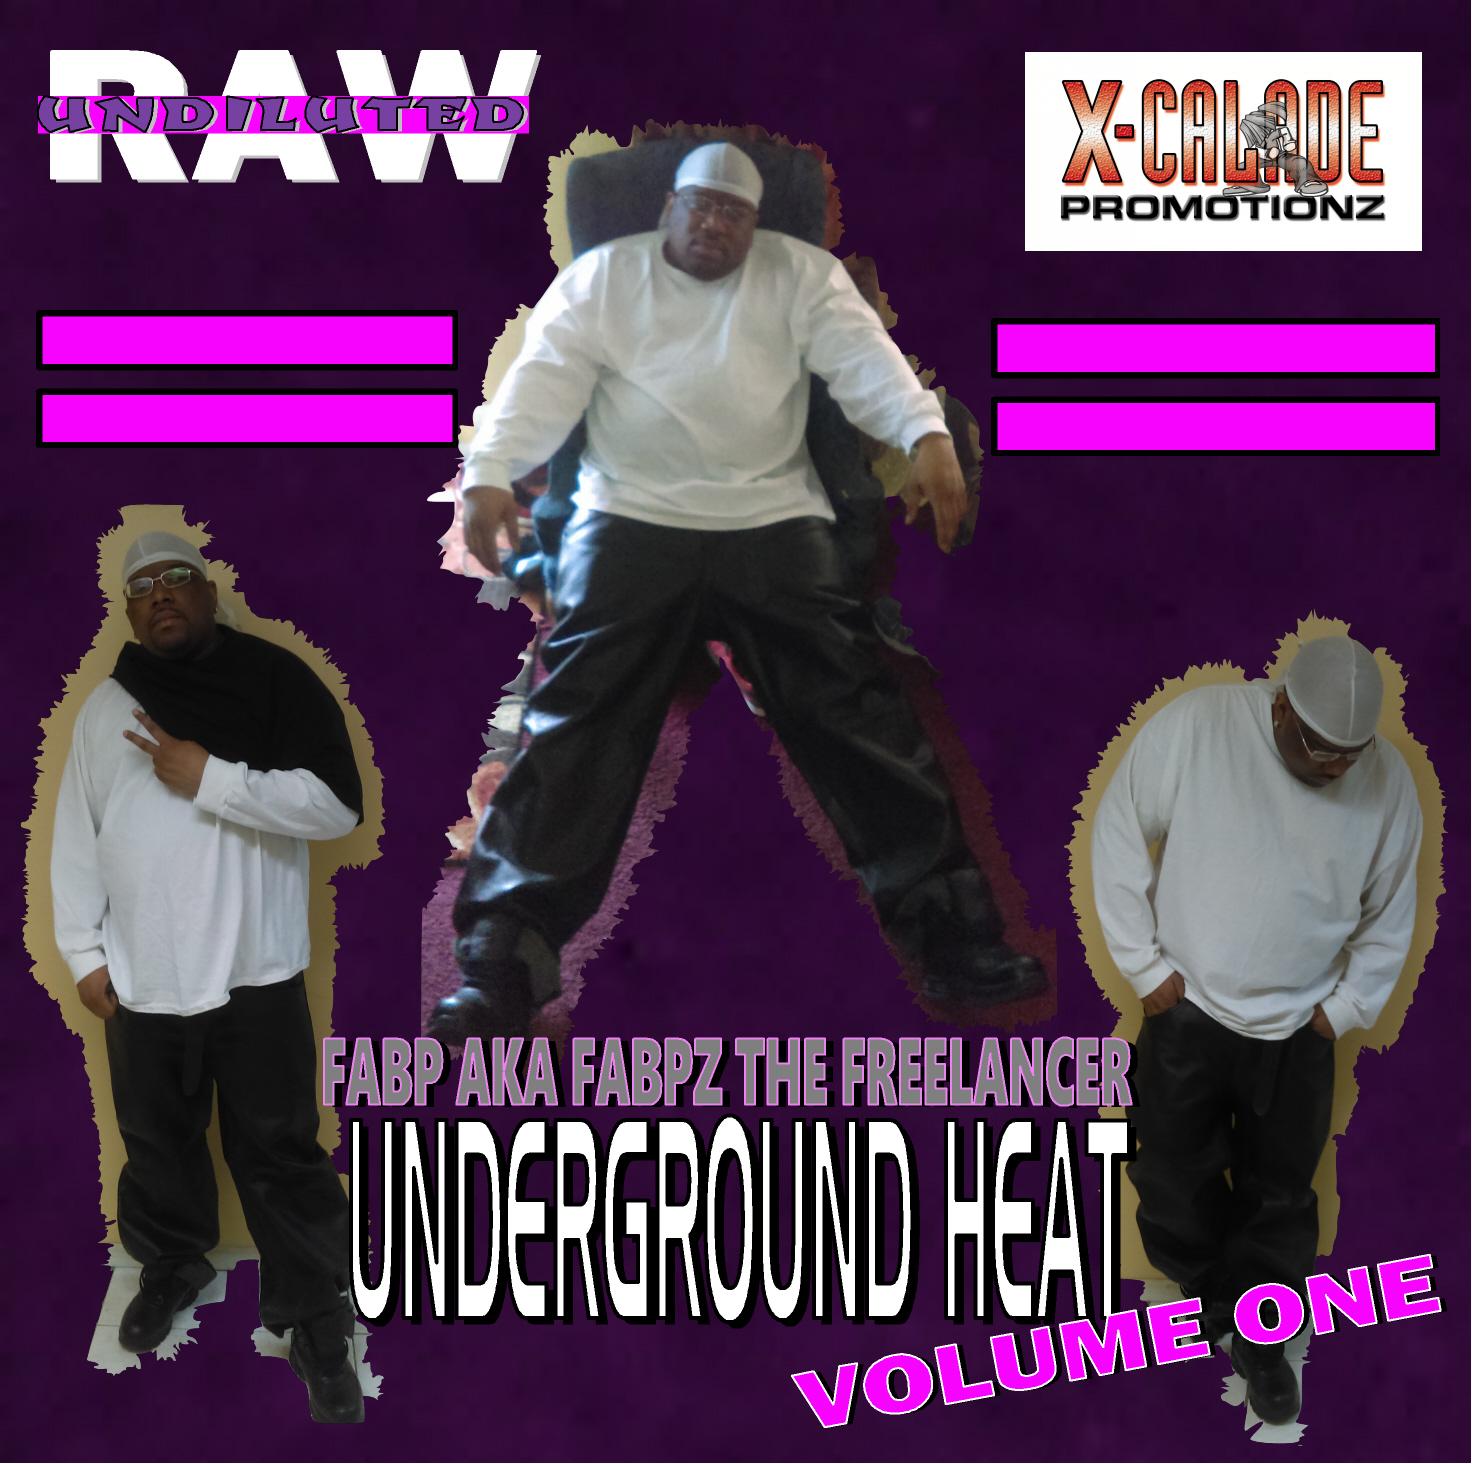 UNDERGROUND HEAT VOLUME ONE (GRAPIC) - FABP.jpg